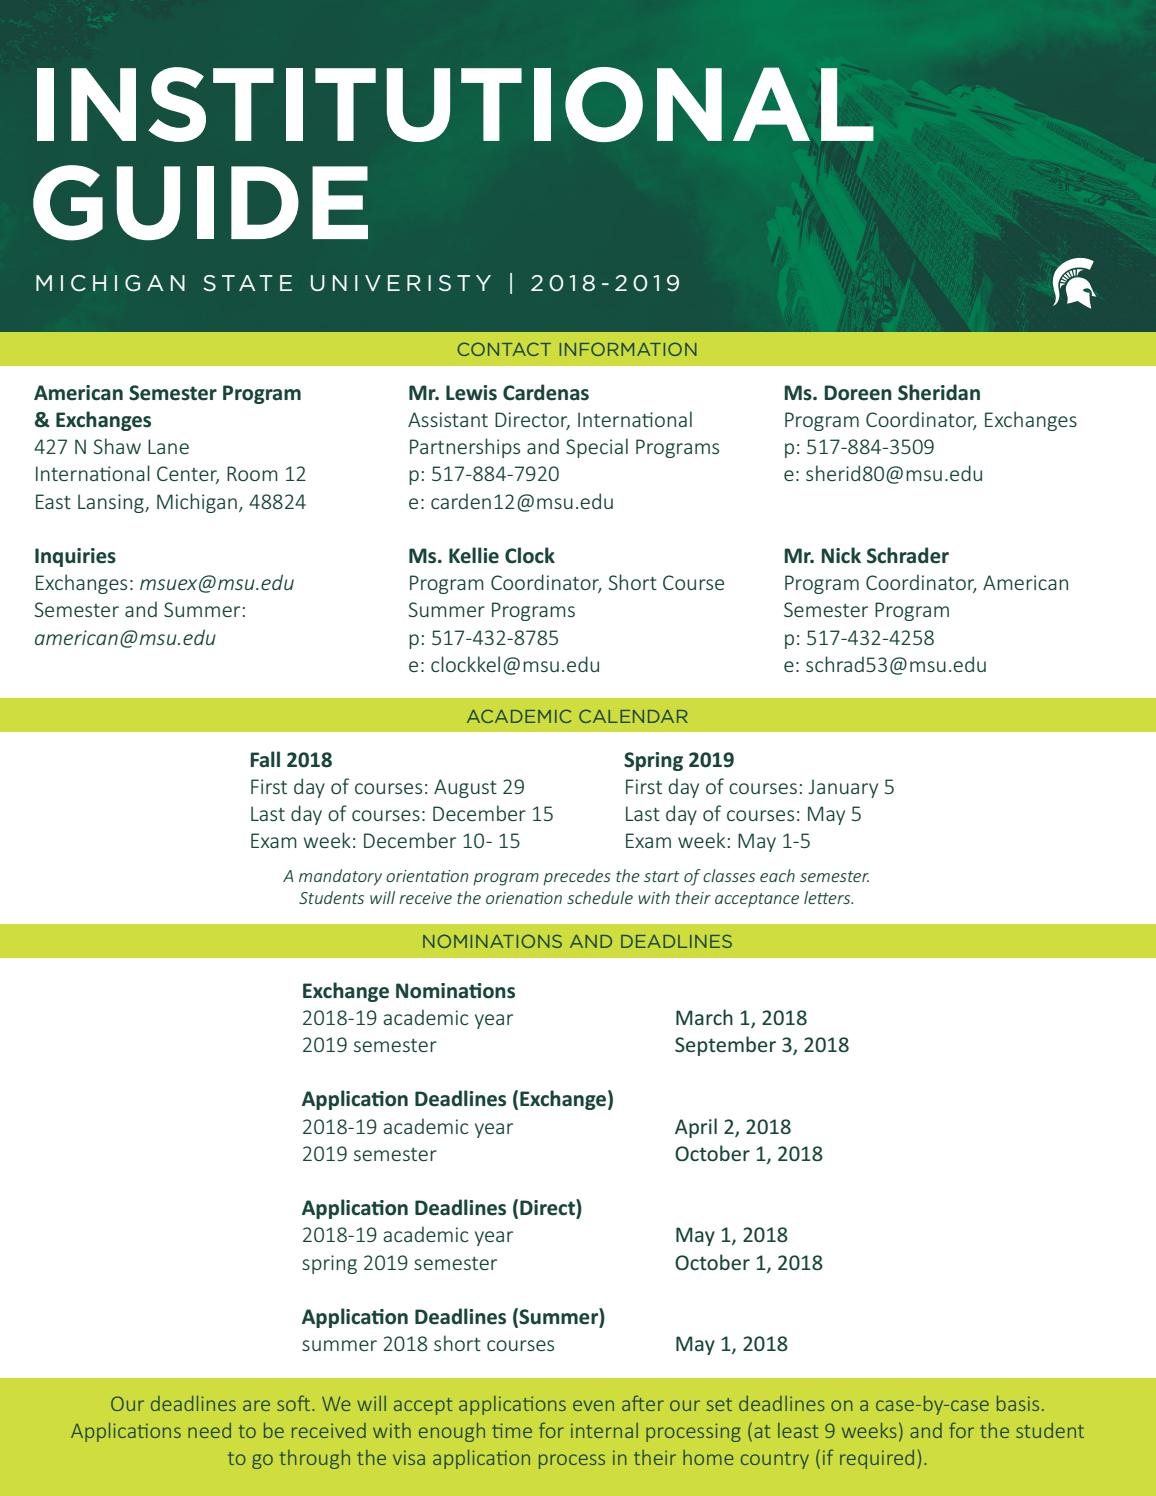 Msu Academic Calendar.Msu Institutional Guide 2018 19